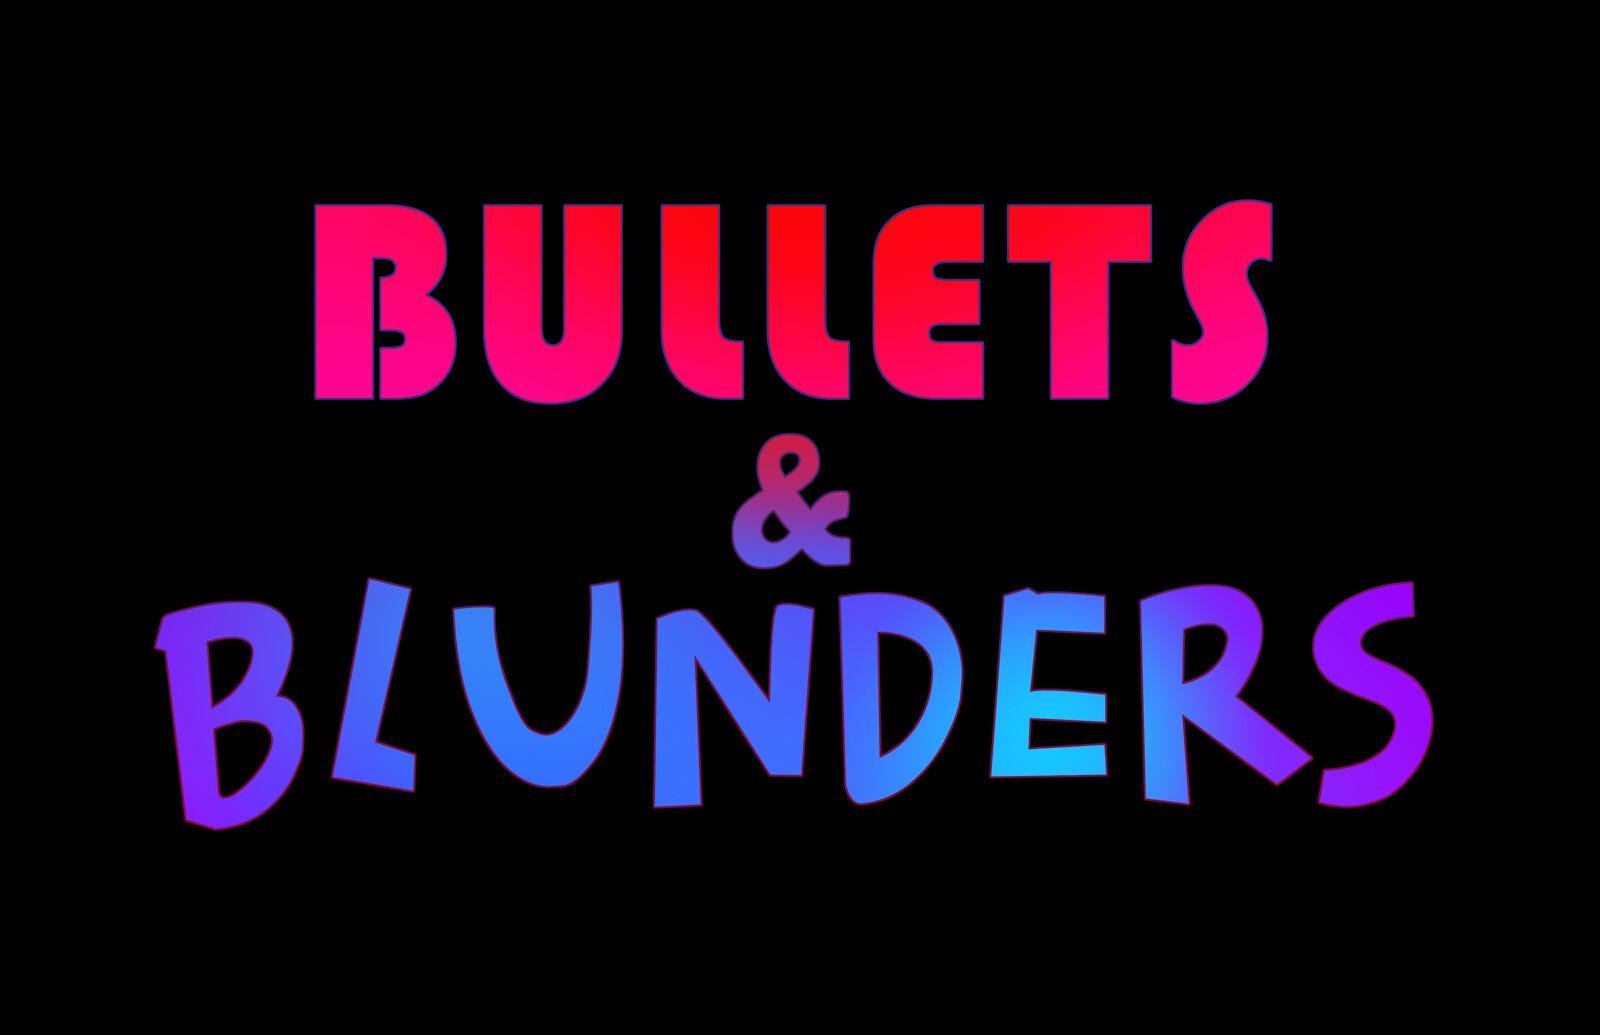 Bullets & Blunders